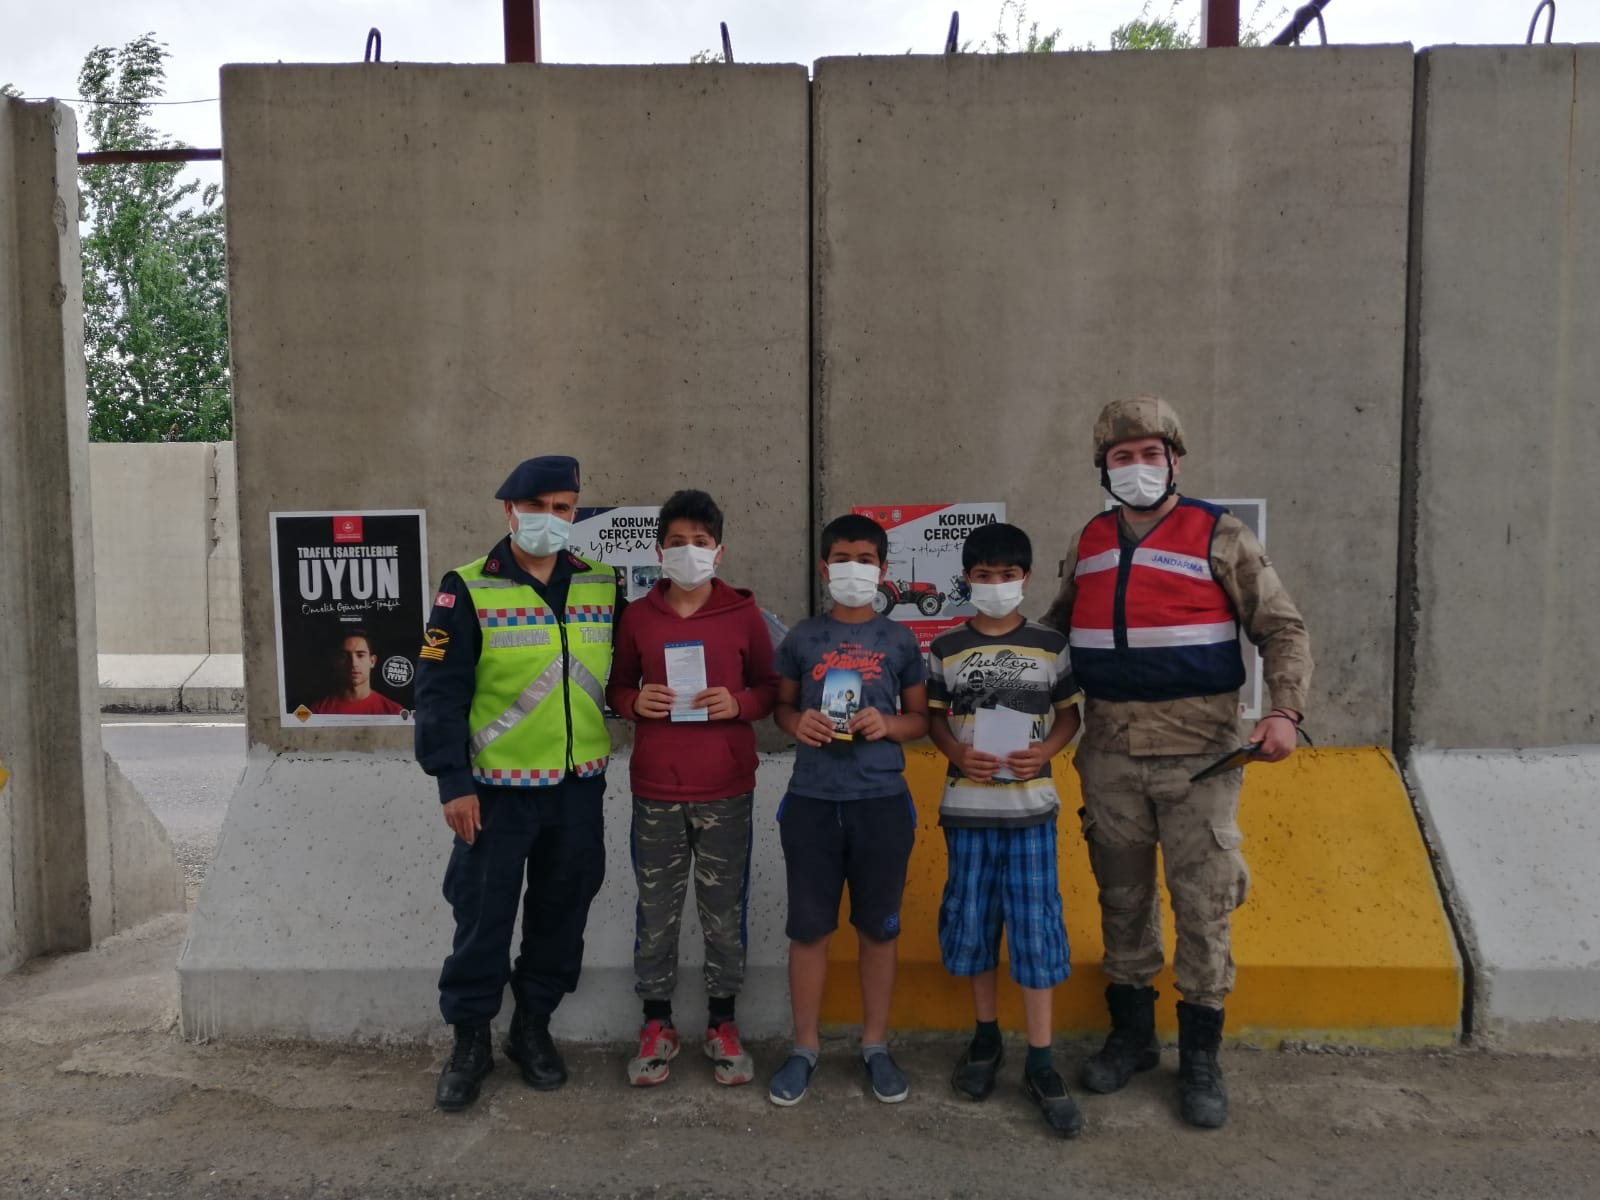 Genç'te 'Trafik Haftası' etkinlikleri